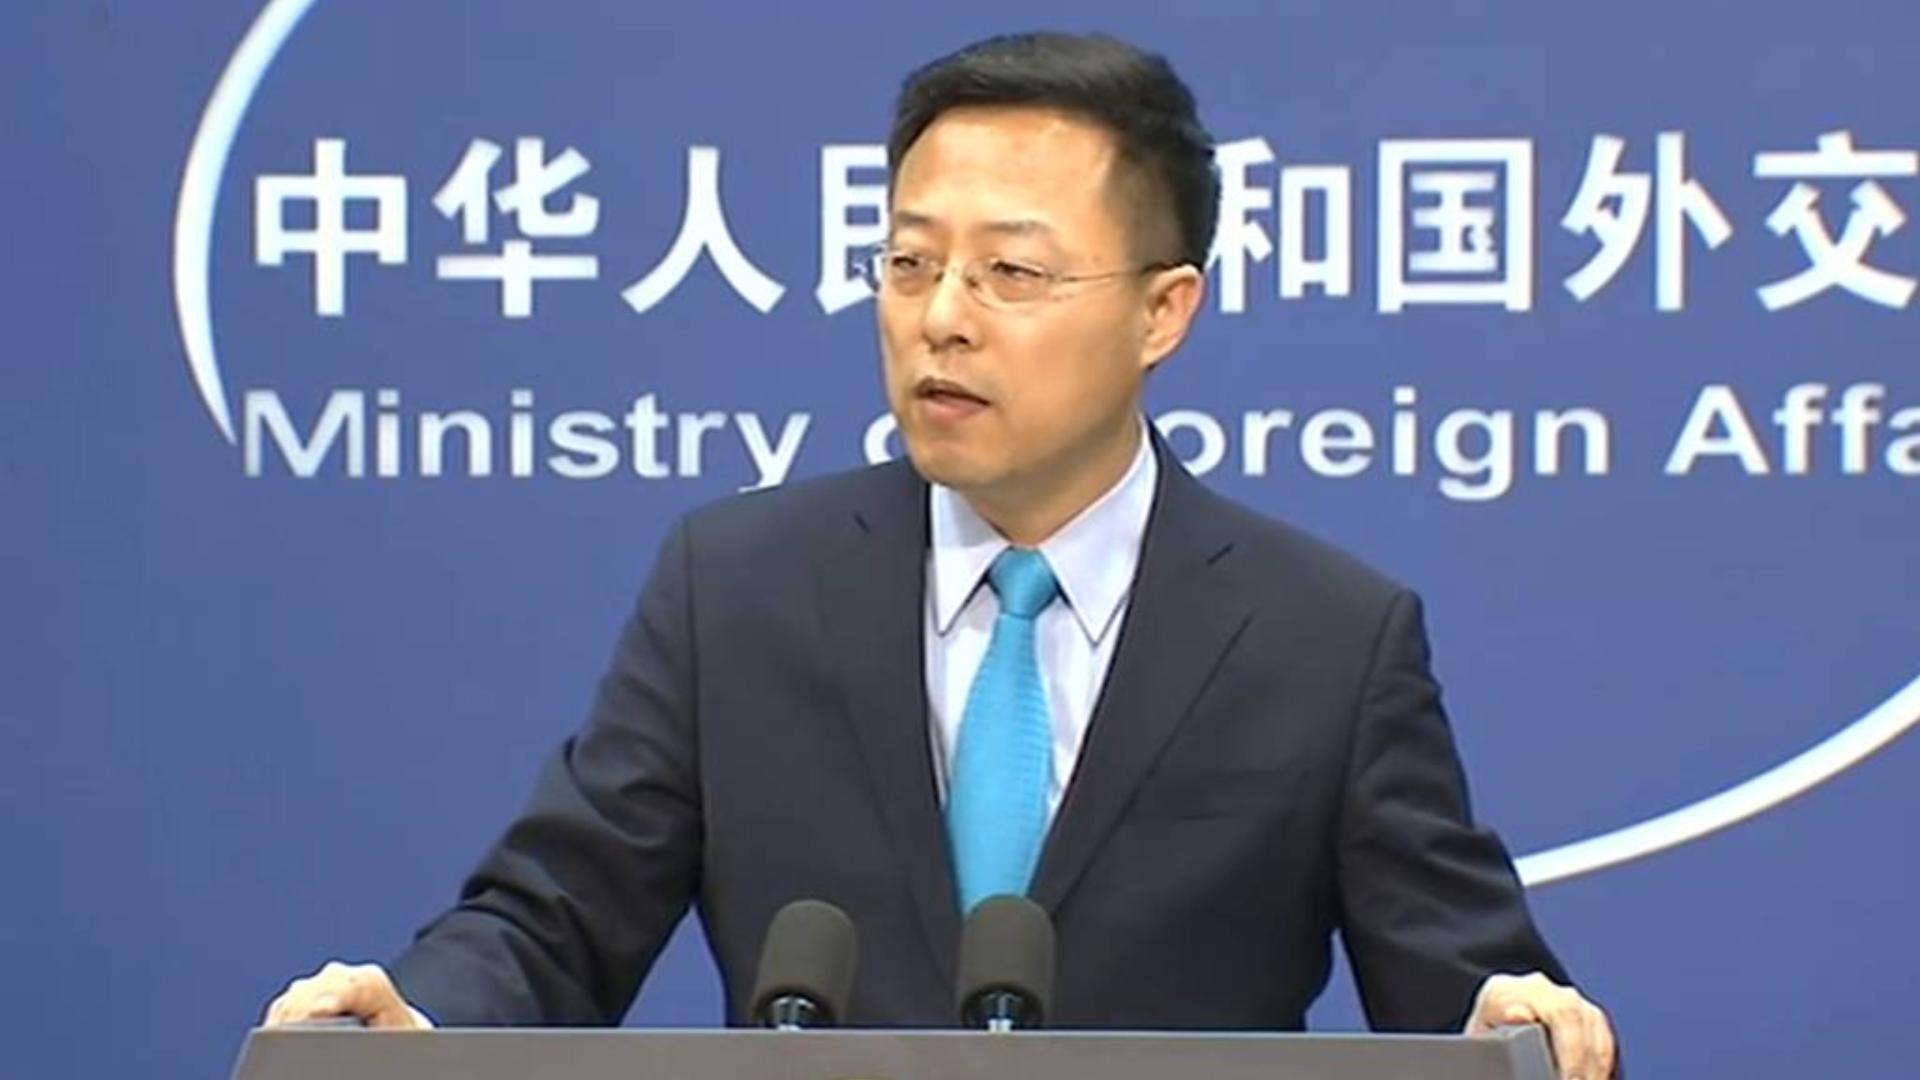 外交部新任发言人赵立坚:《华尔街日报》有骂人的嚣张,为什么没有道歉的勇气?